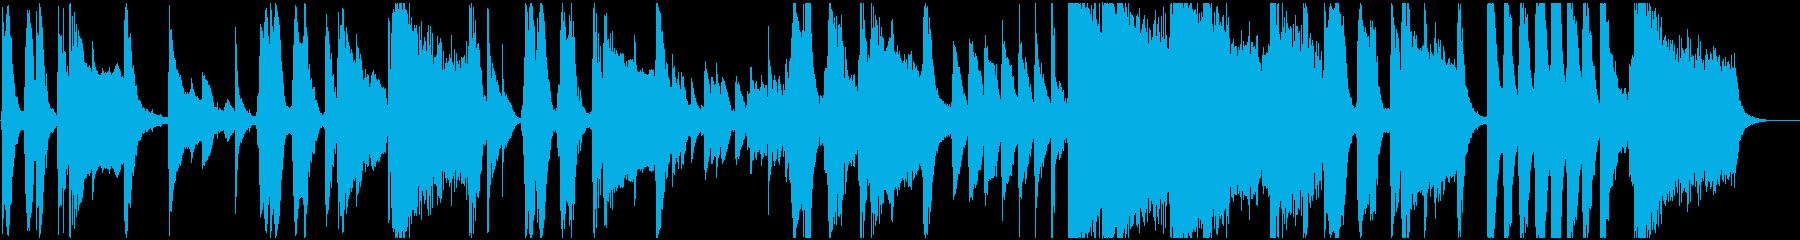 どろぼうの再生済みの波形